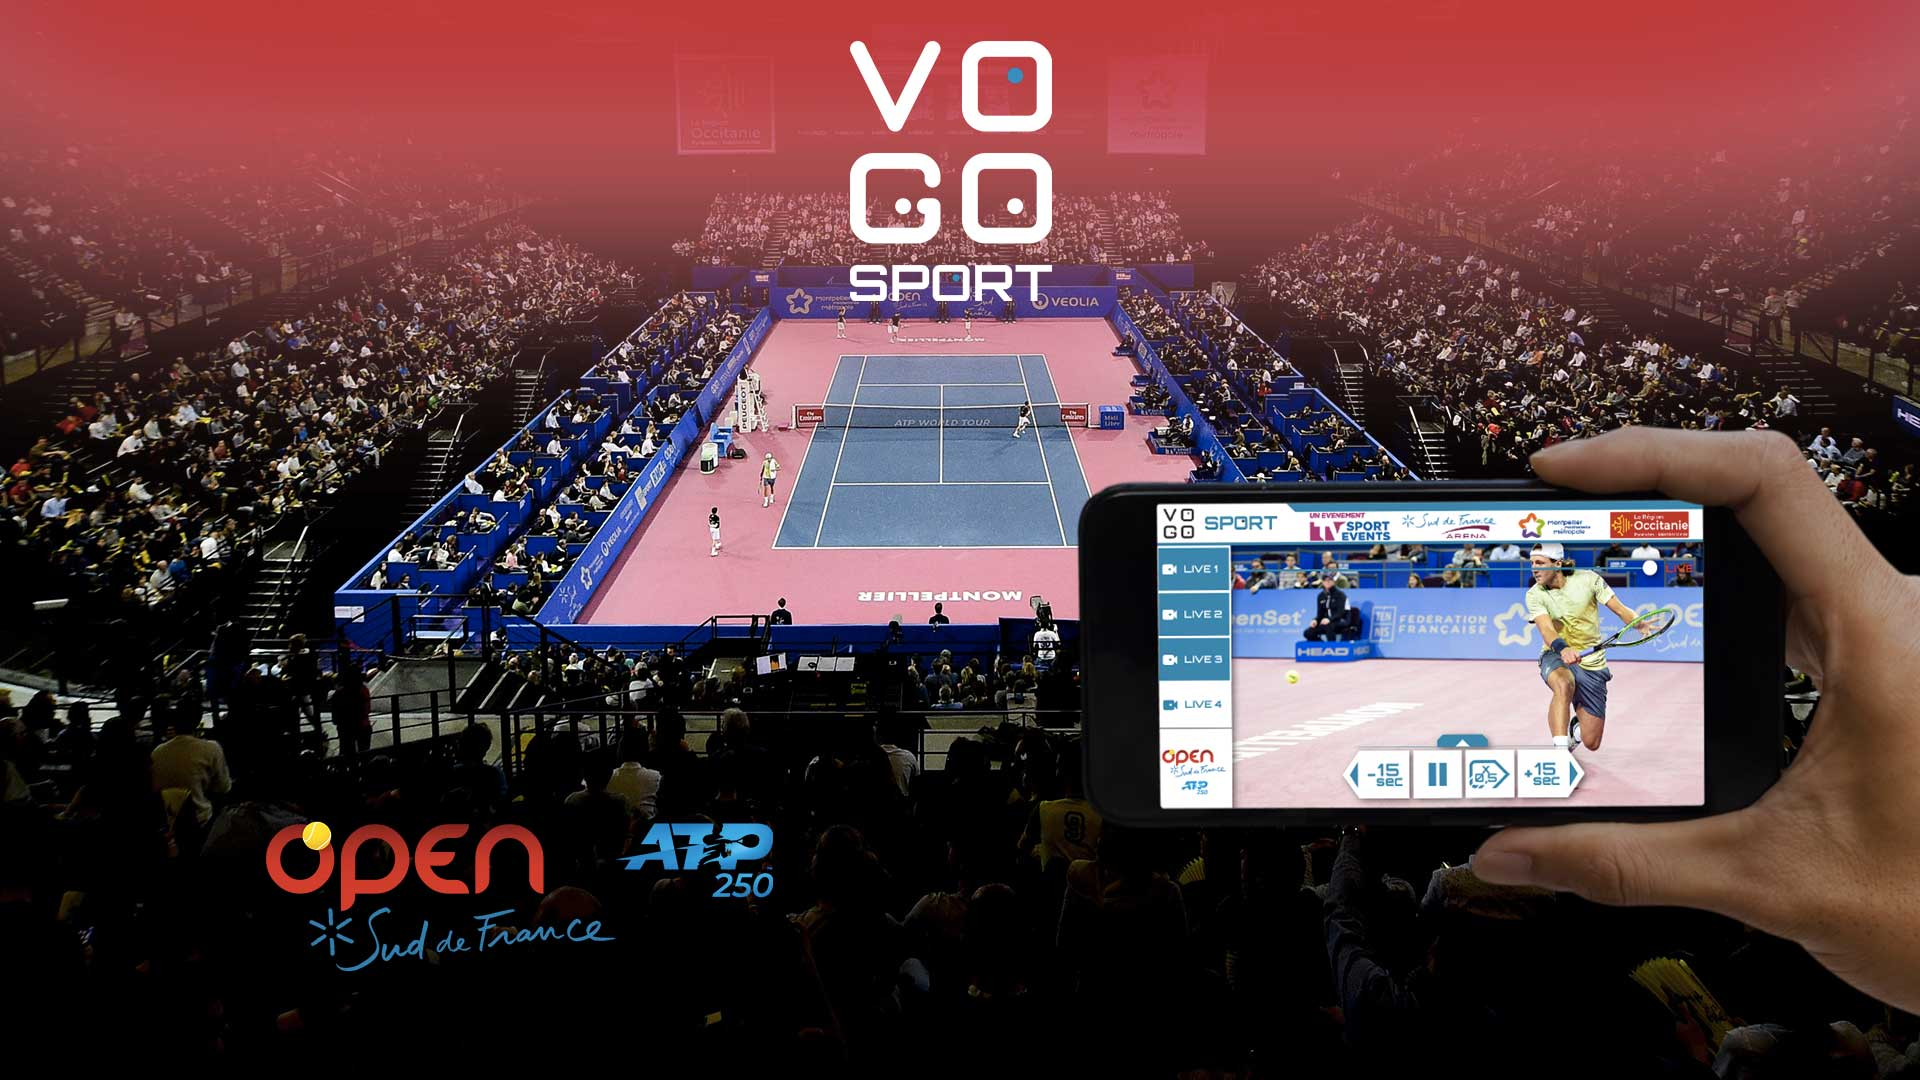 VOGO à l'Open Sud de France 2019